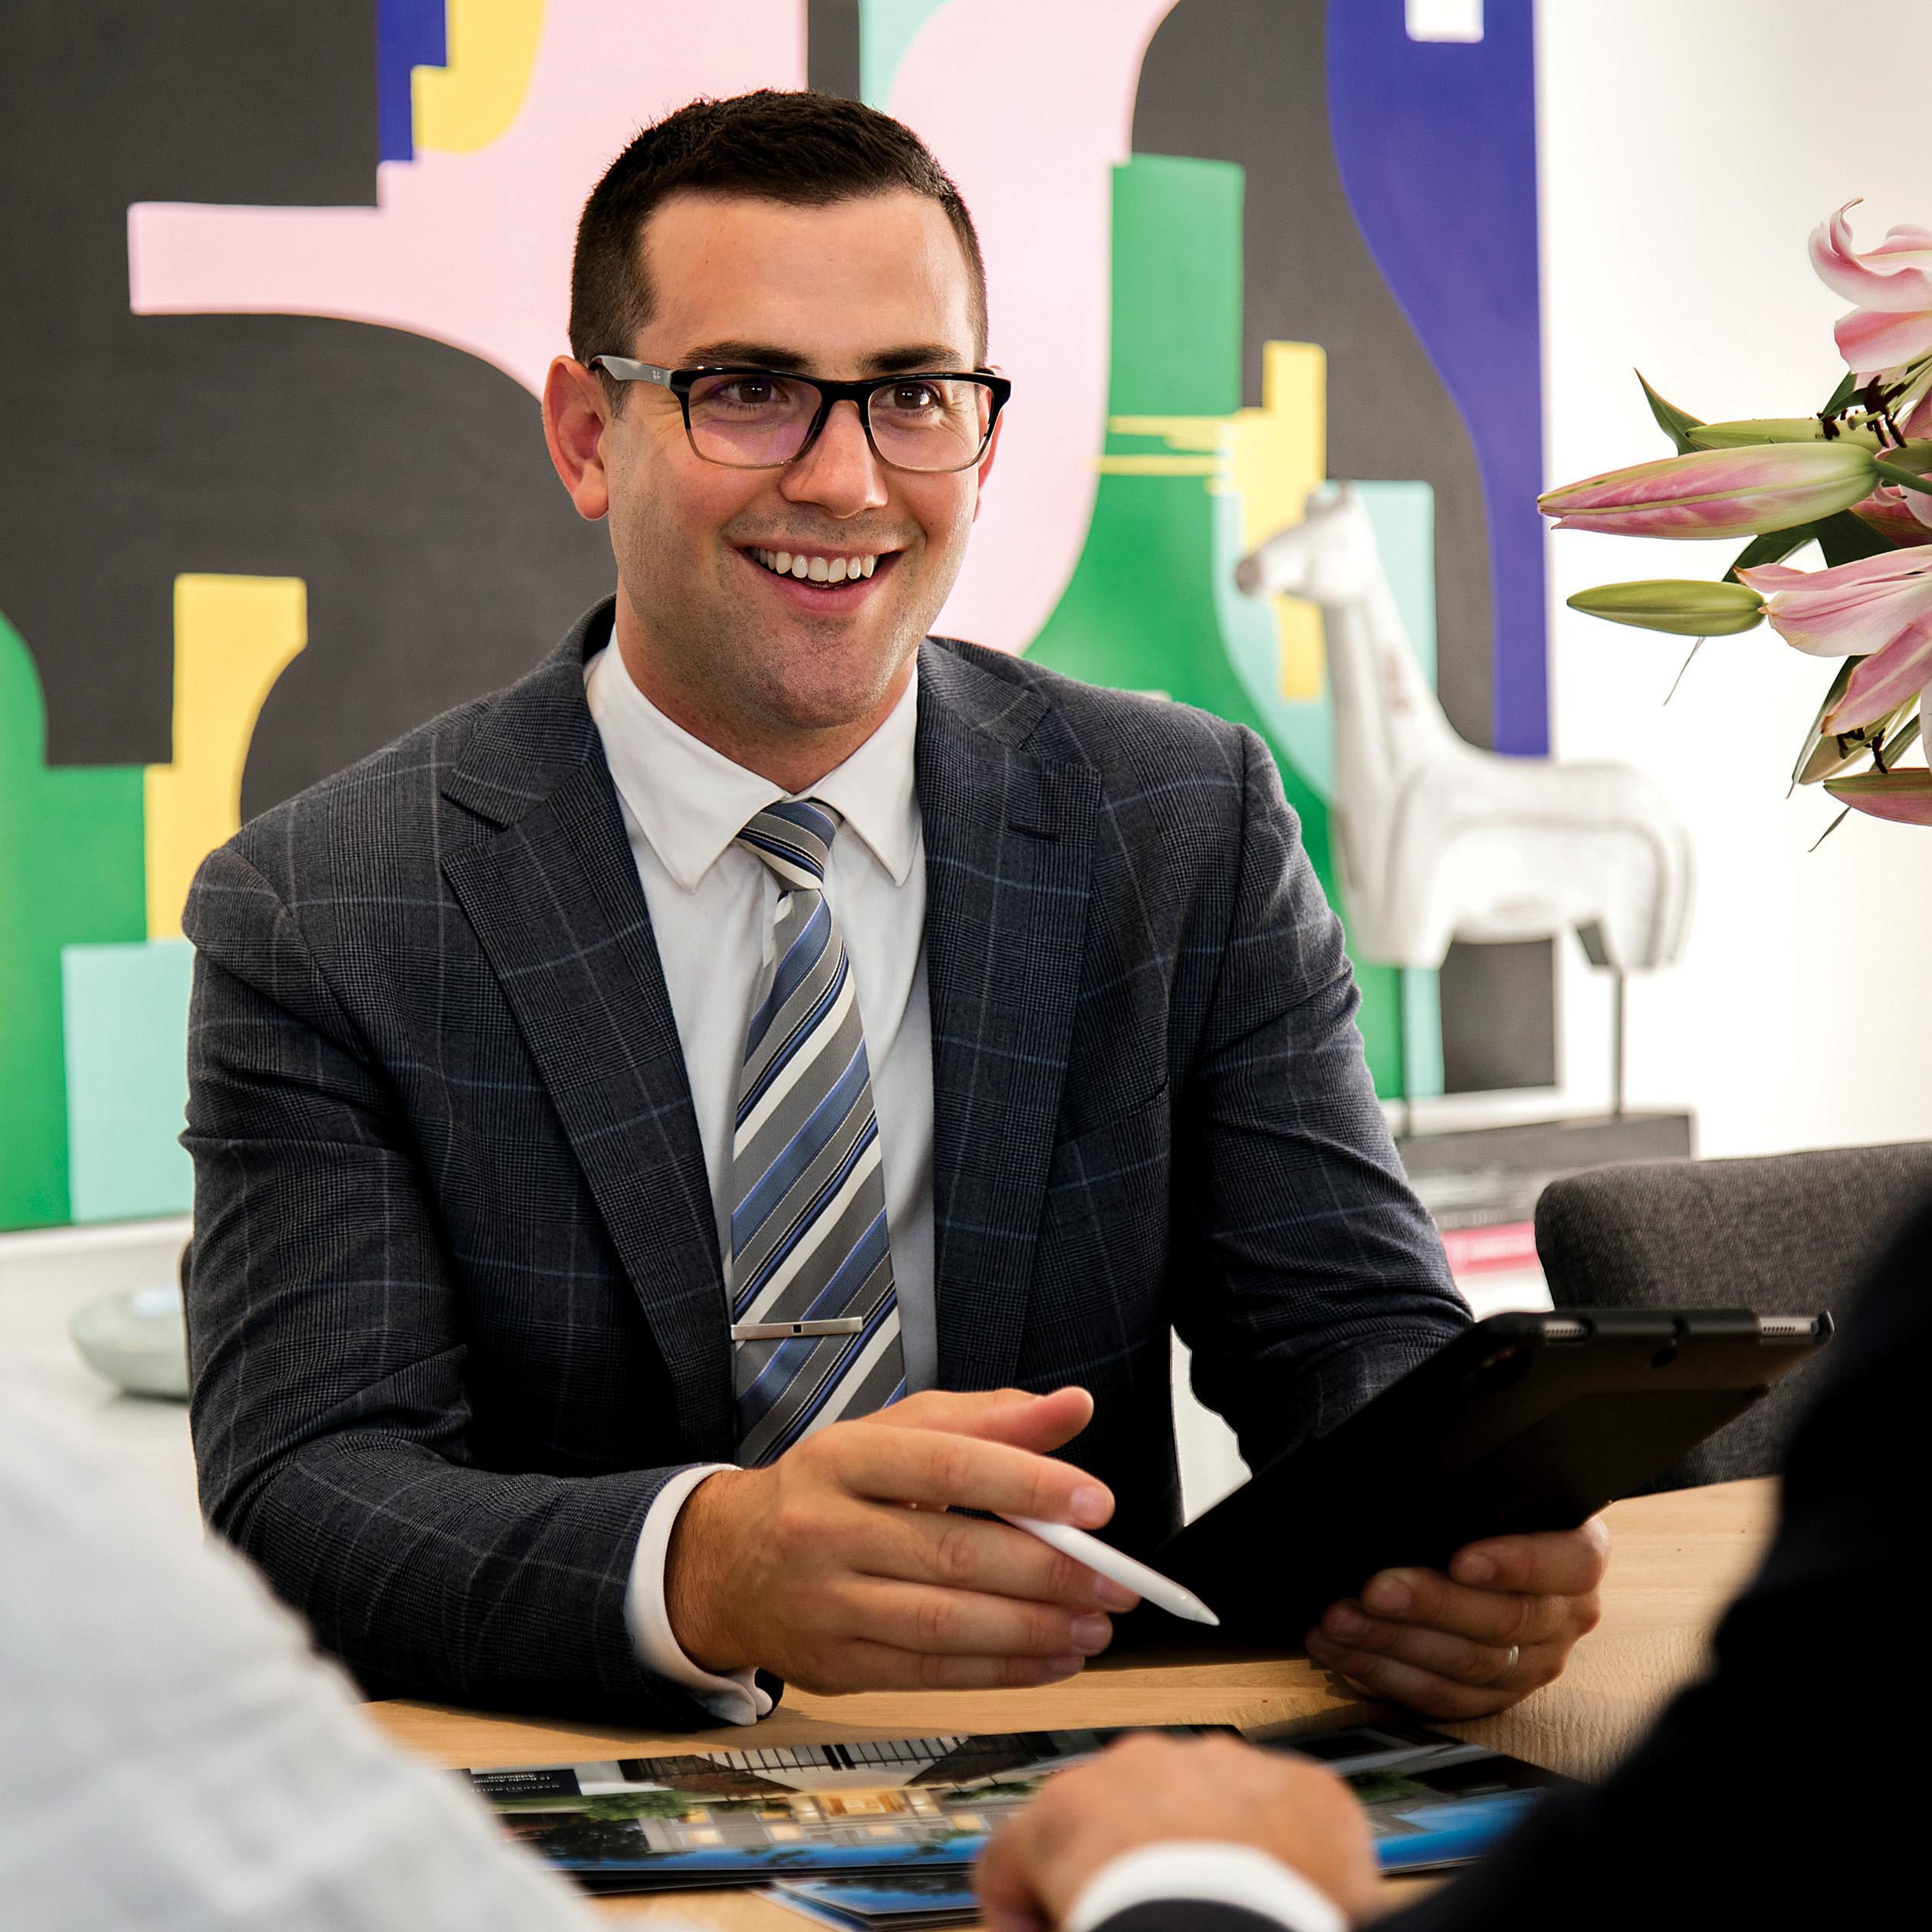 Todd Braggins - Professional Portrait